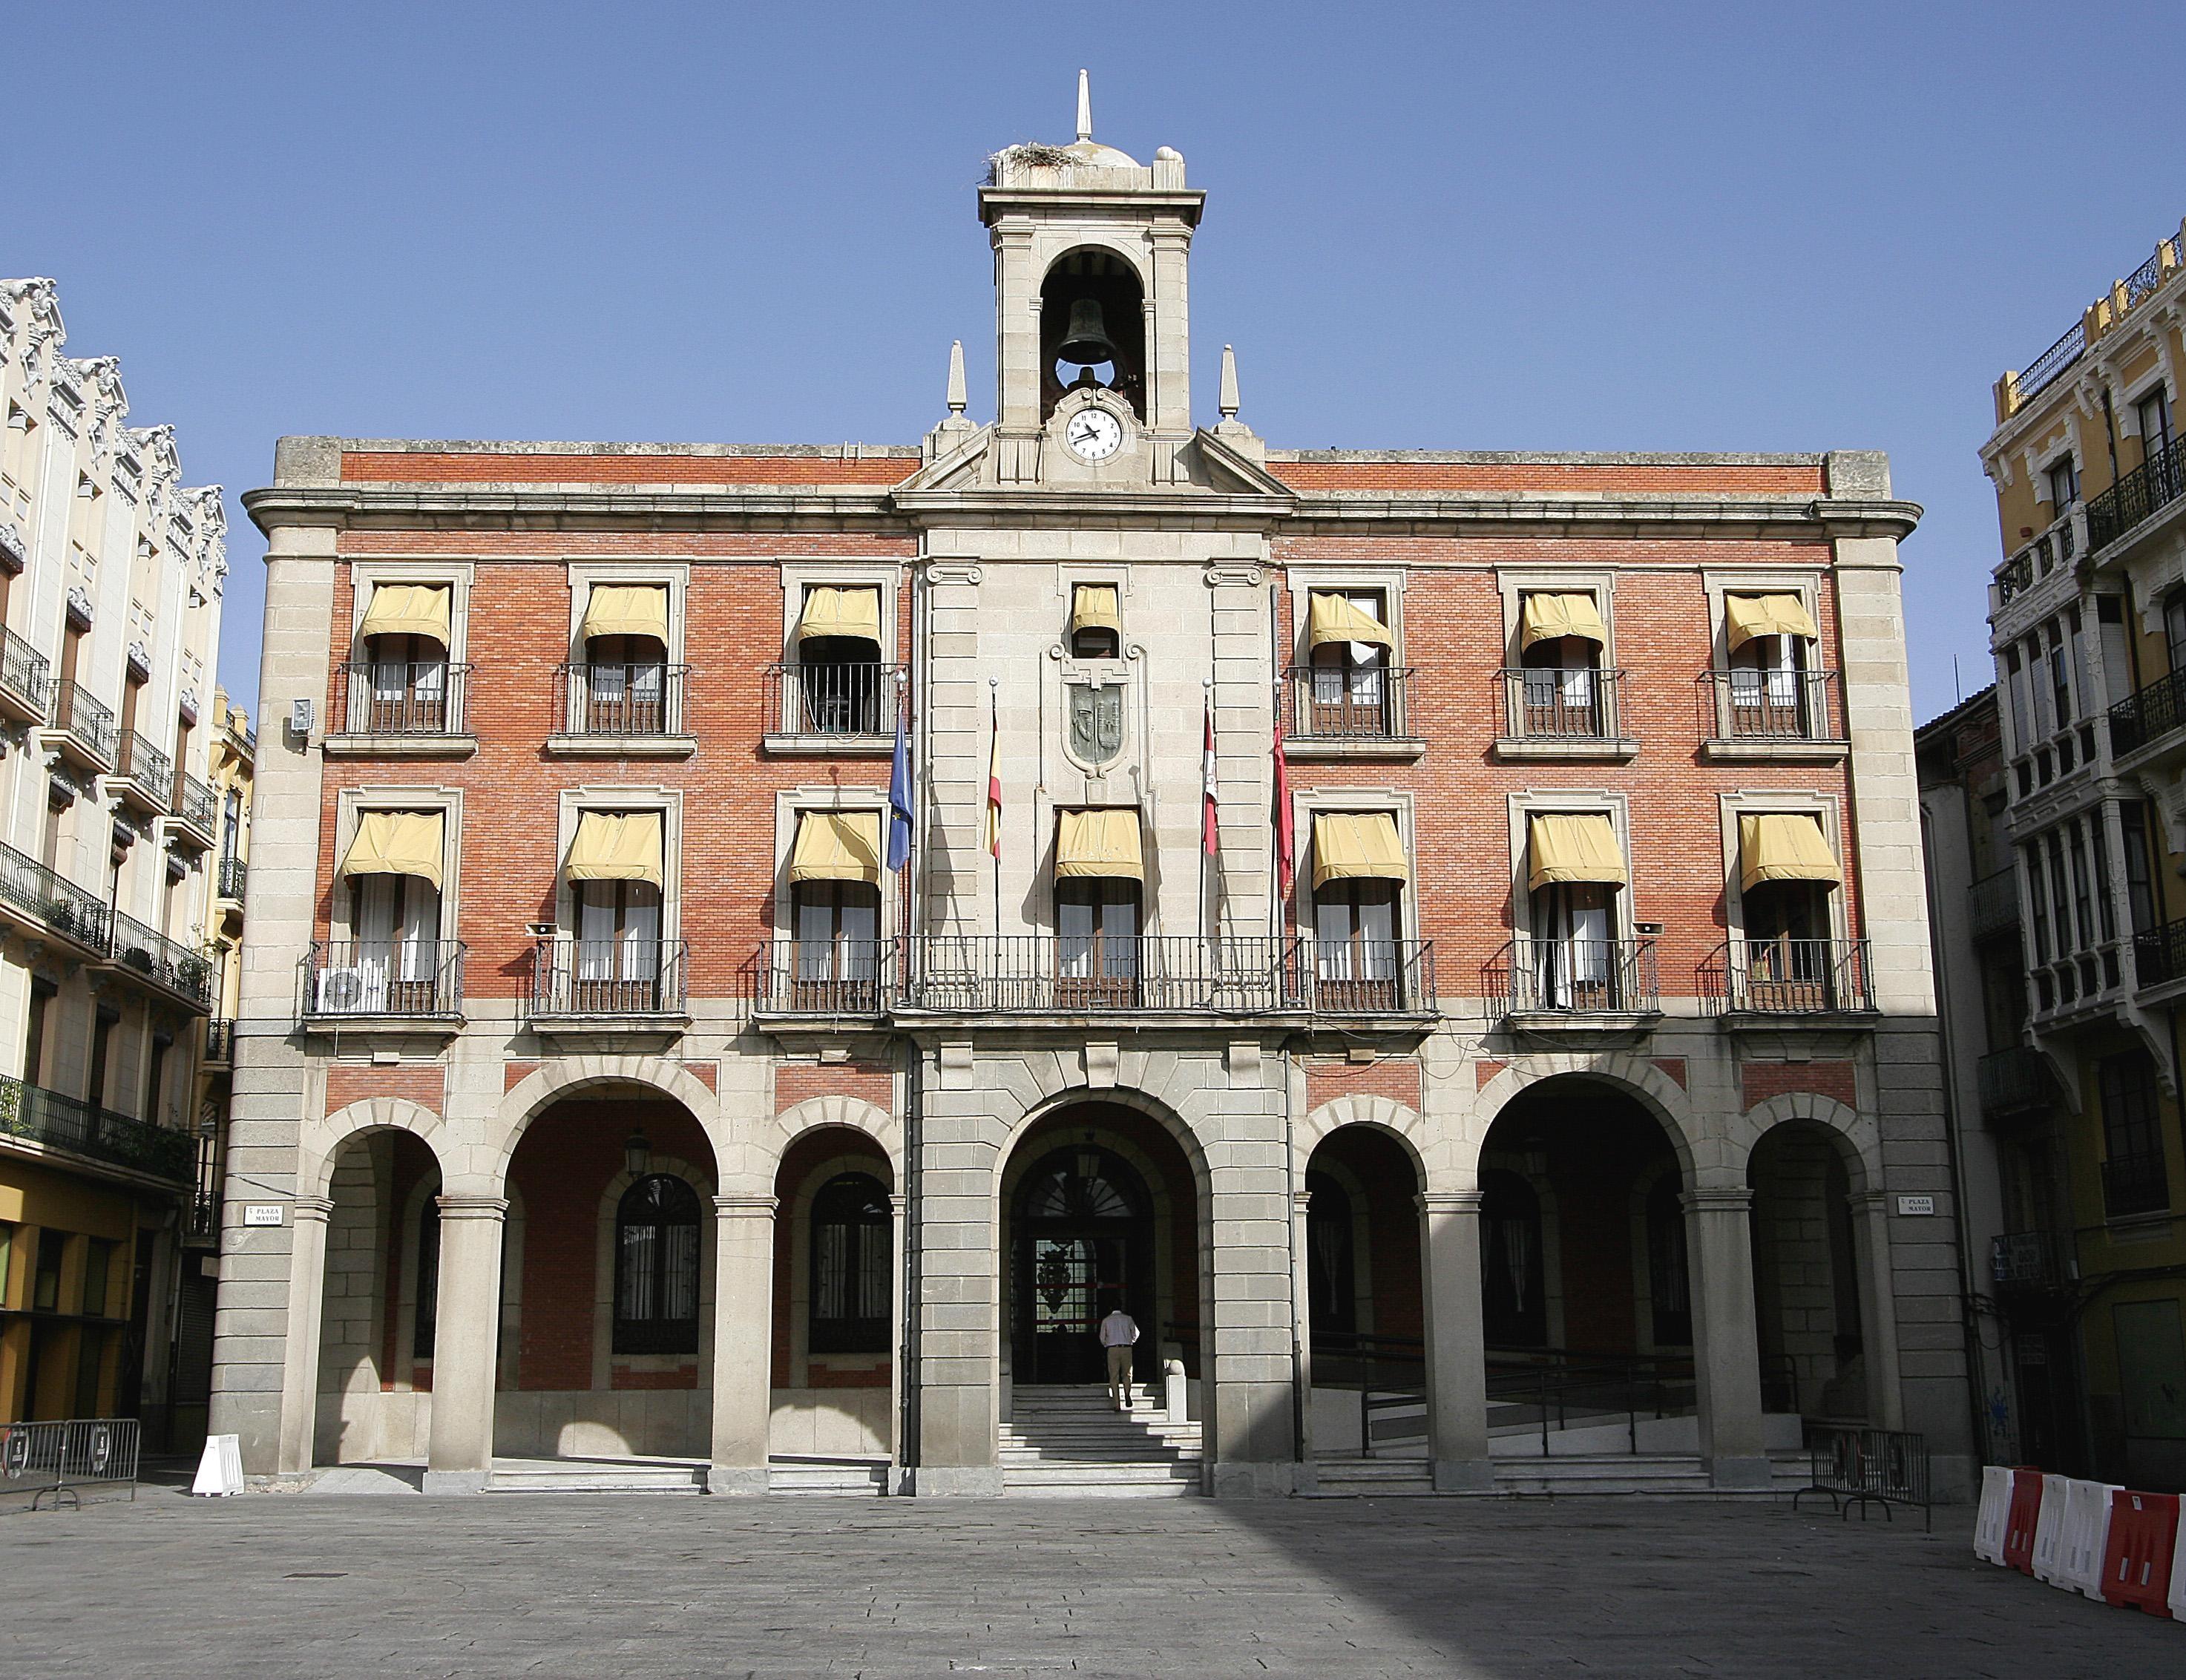 La Concejalía de Atención al Ciudadano de Zamora atendió 2.377 consultas en 2013, sólo el 10% fueron quejas